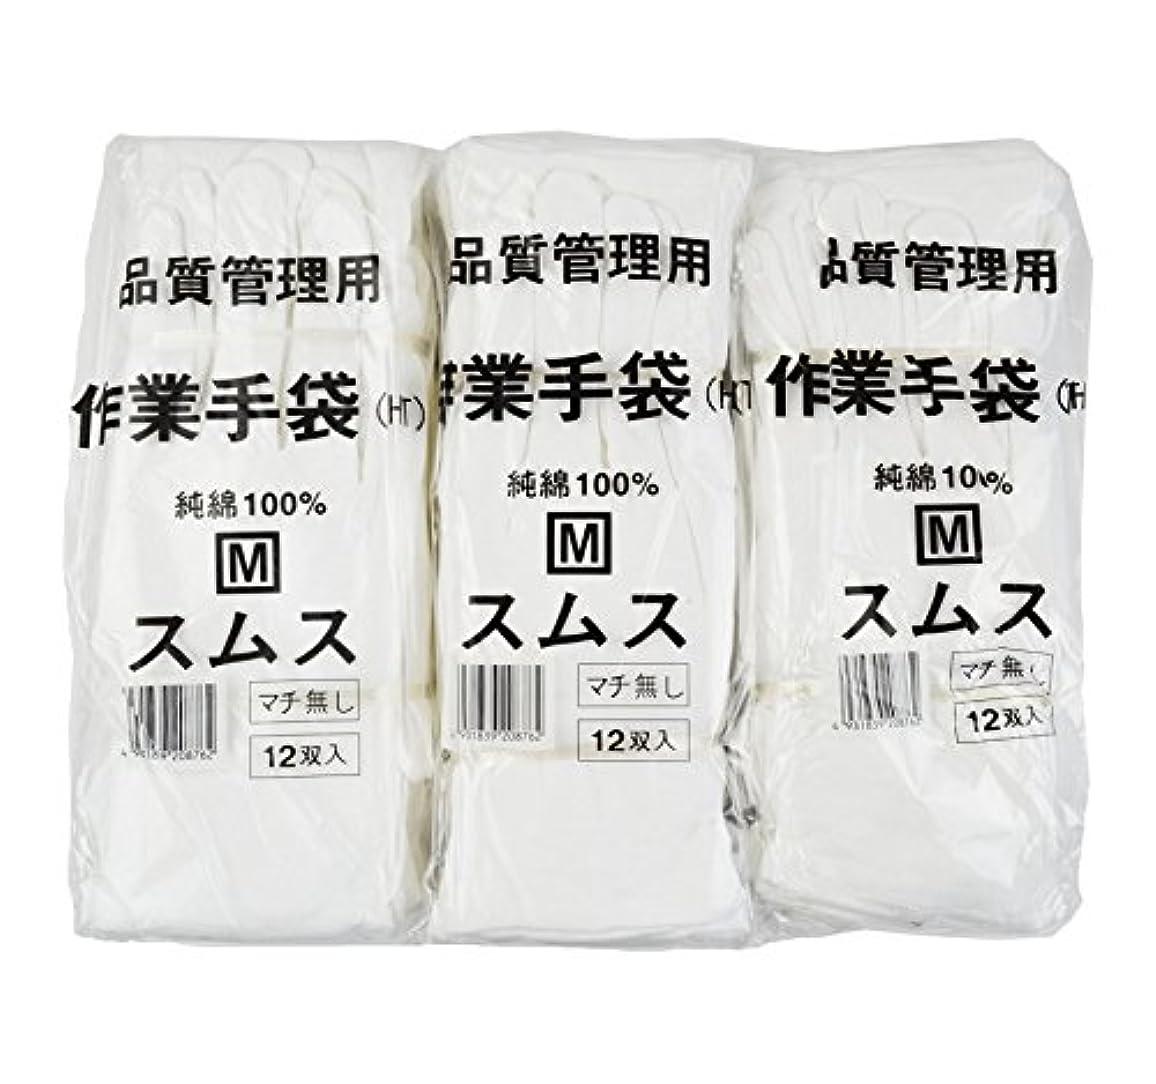 郵便屋さん縫い目シェーバー【お得なセット売り】 (36双) 純綿100% スムス 手袋 Mサイズ 12双×3袋セット 多用途 作業手袋 101116